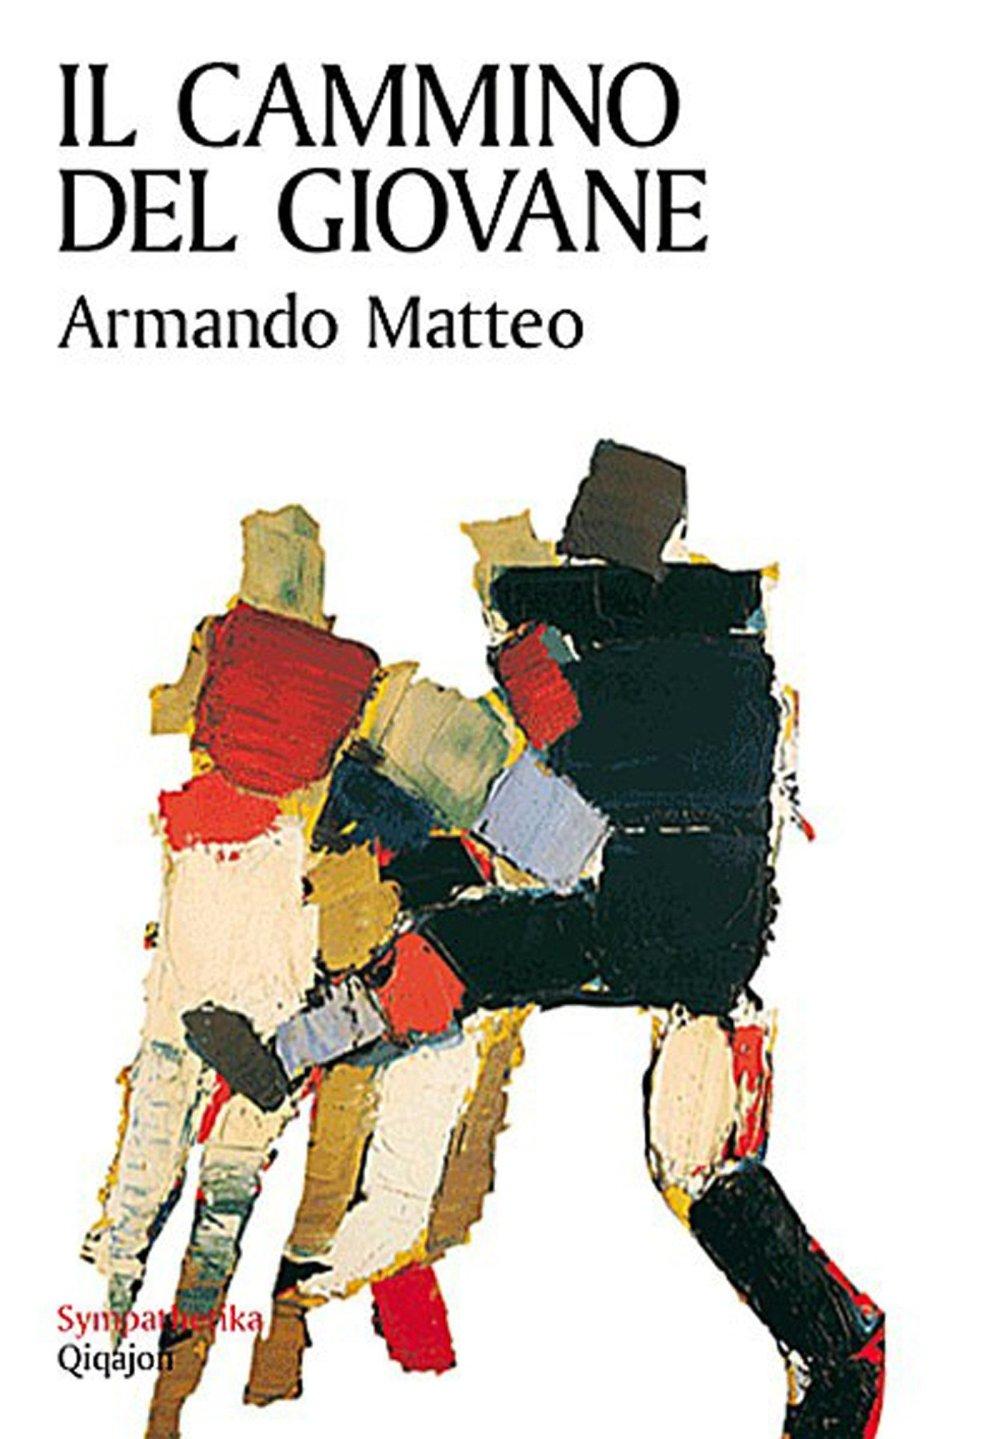 Il cammino del giovane di Armando Matteo